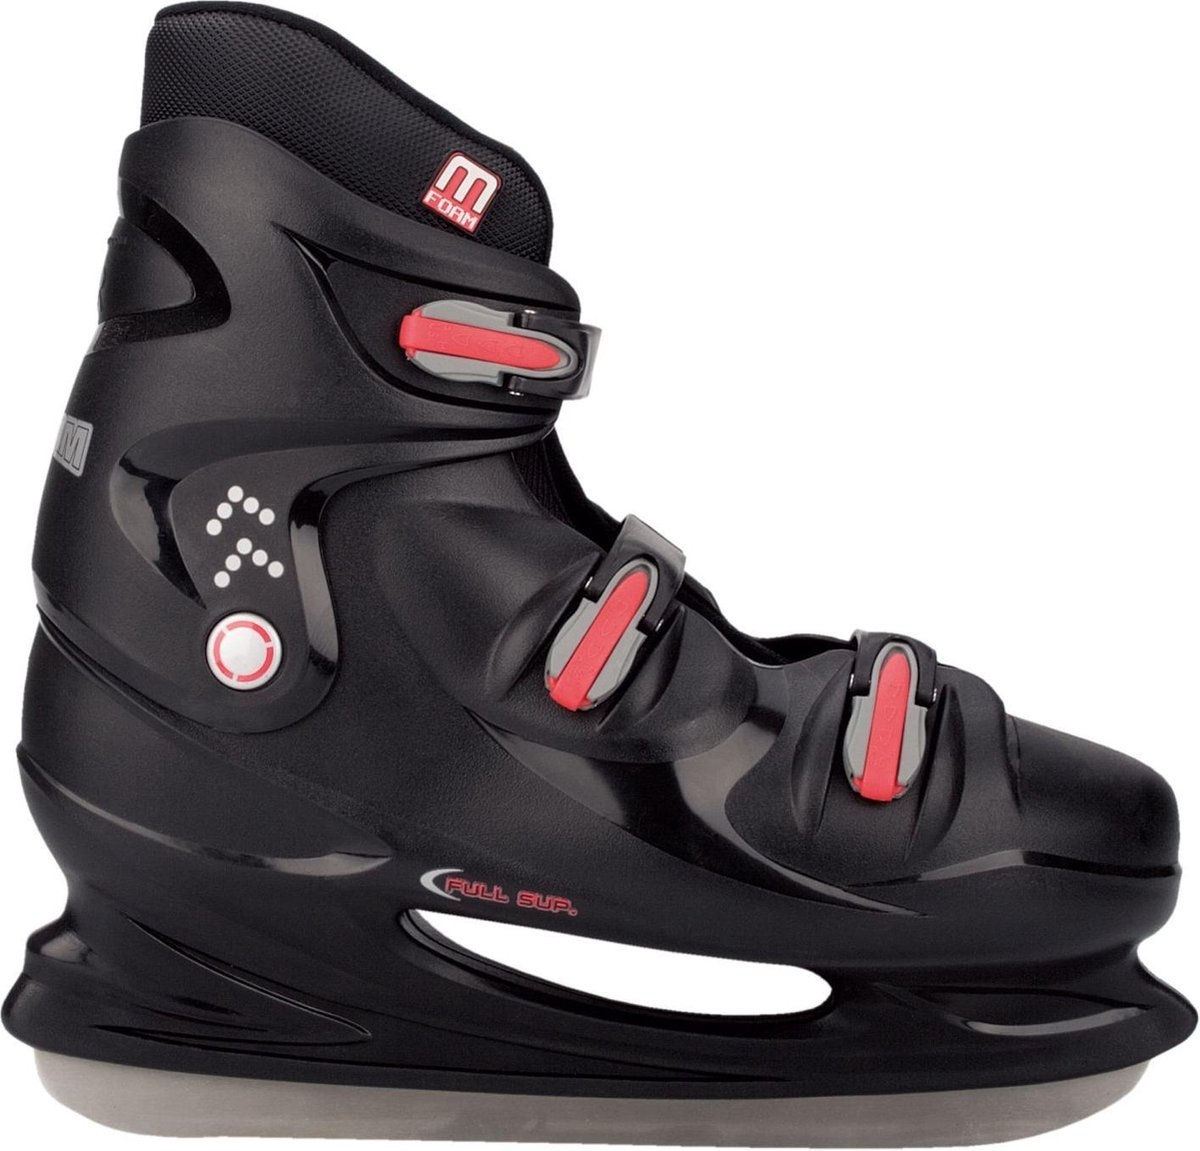 Nijdam 0099 IJshockeyschaats XXL - Hardboot - Zwart/Rood - Maat 48